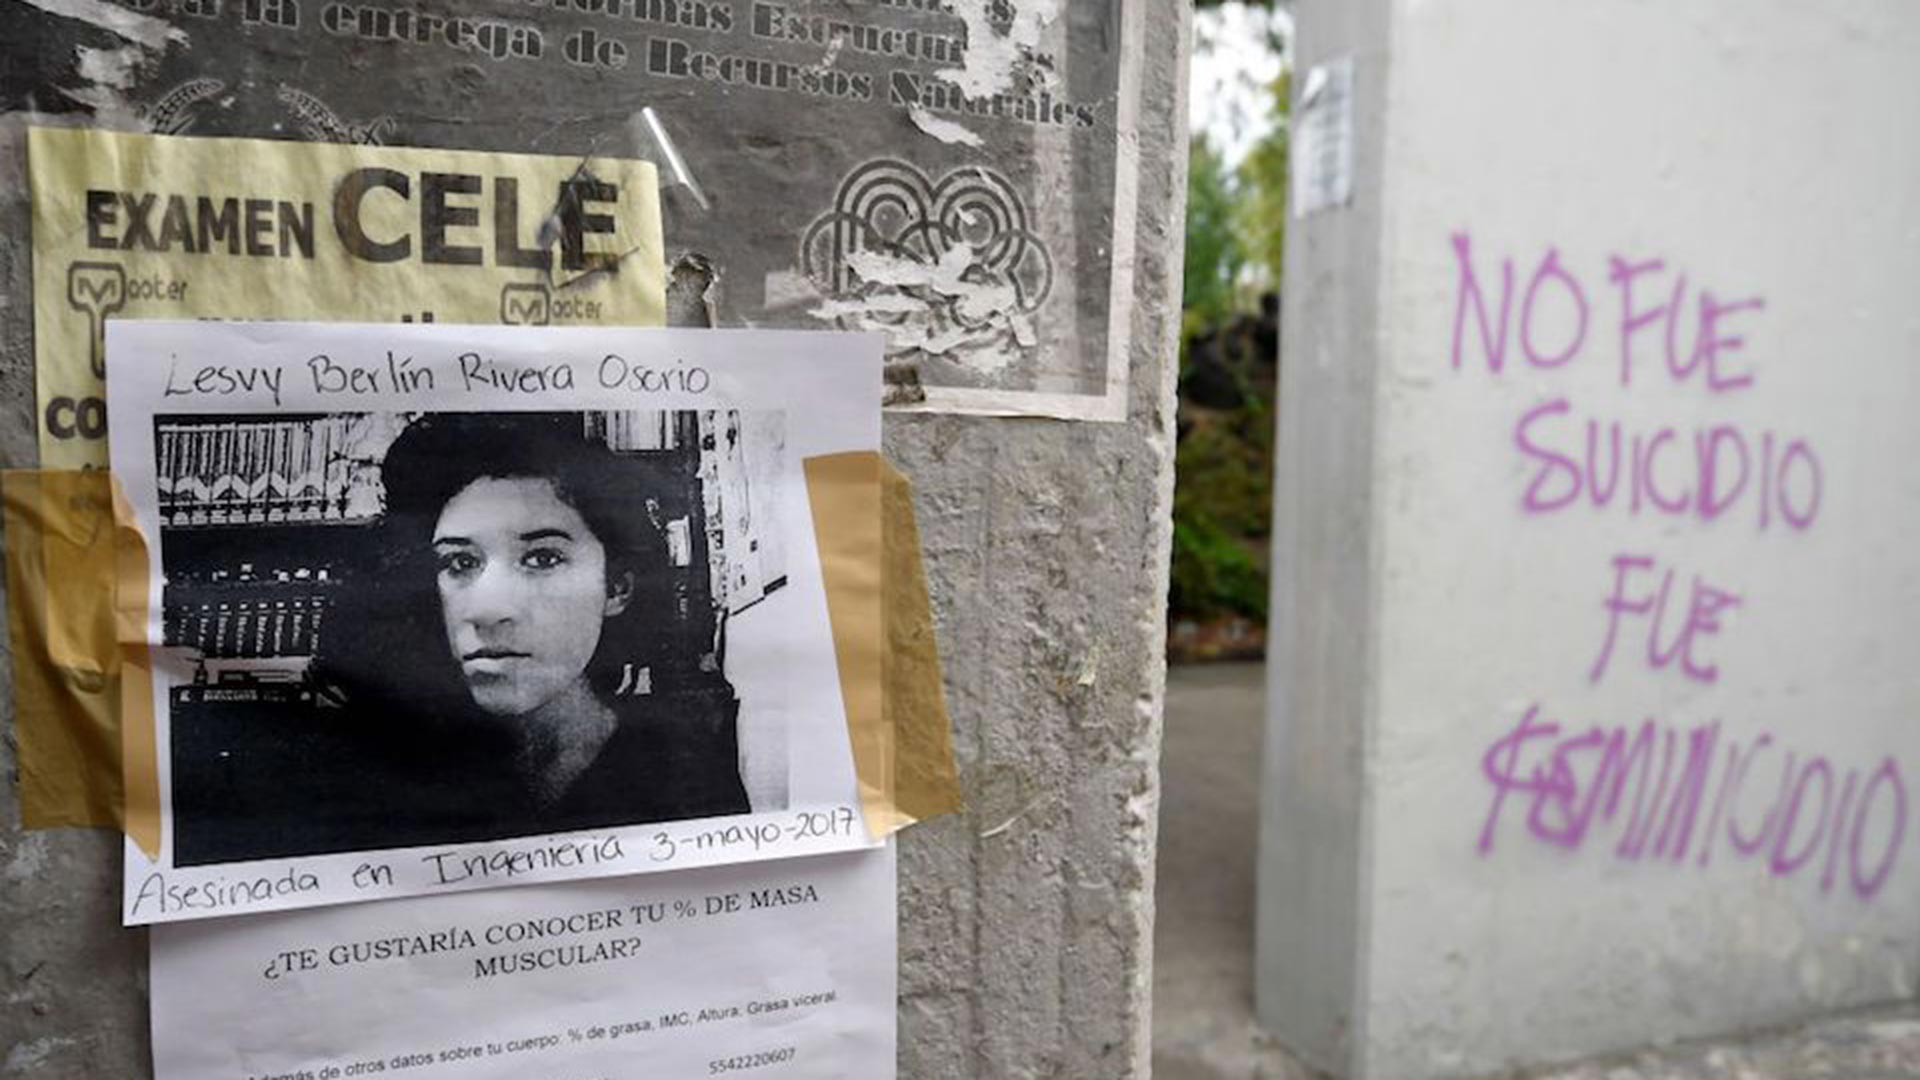 Lesvy berlín Osorio fue asesinada en mayo por el grupo eco-terrorista Individualistas Tendiendo a lo Salvaje (ITS)